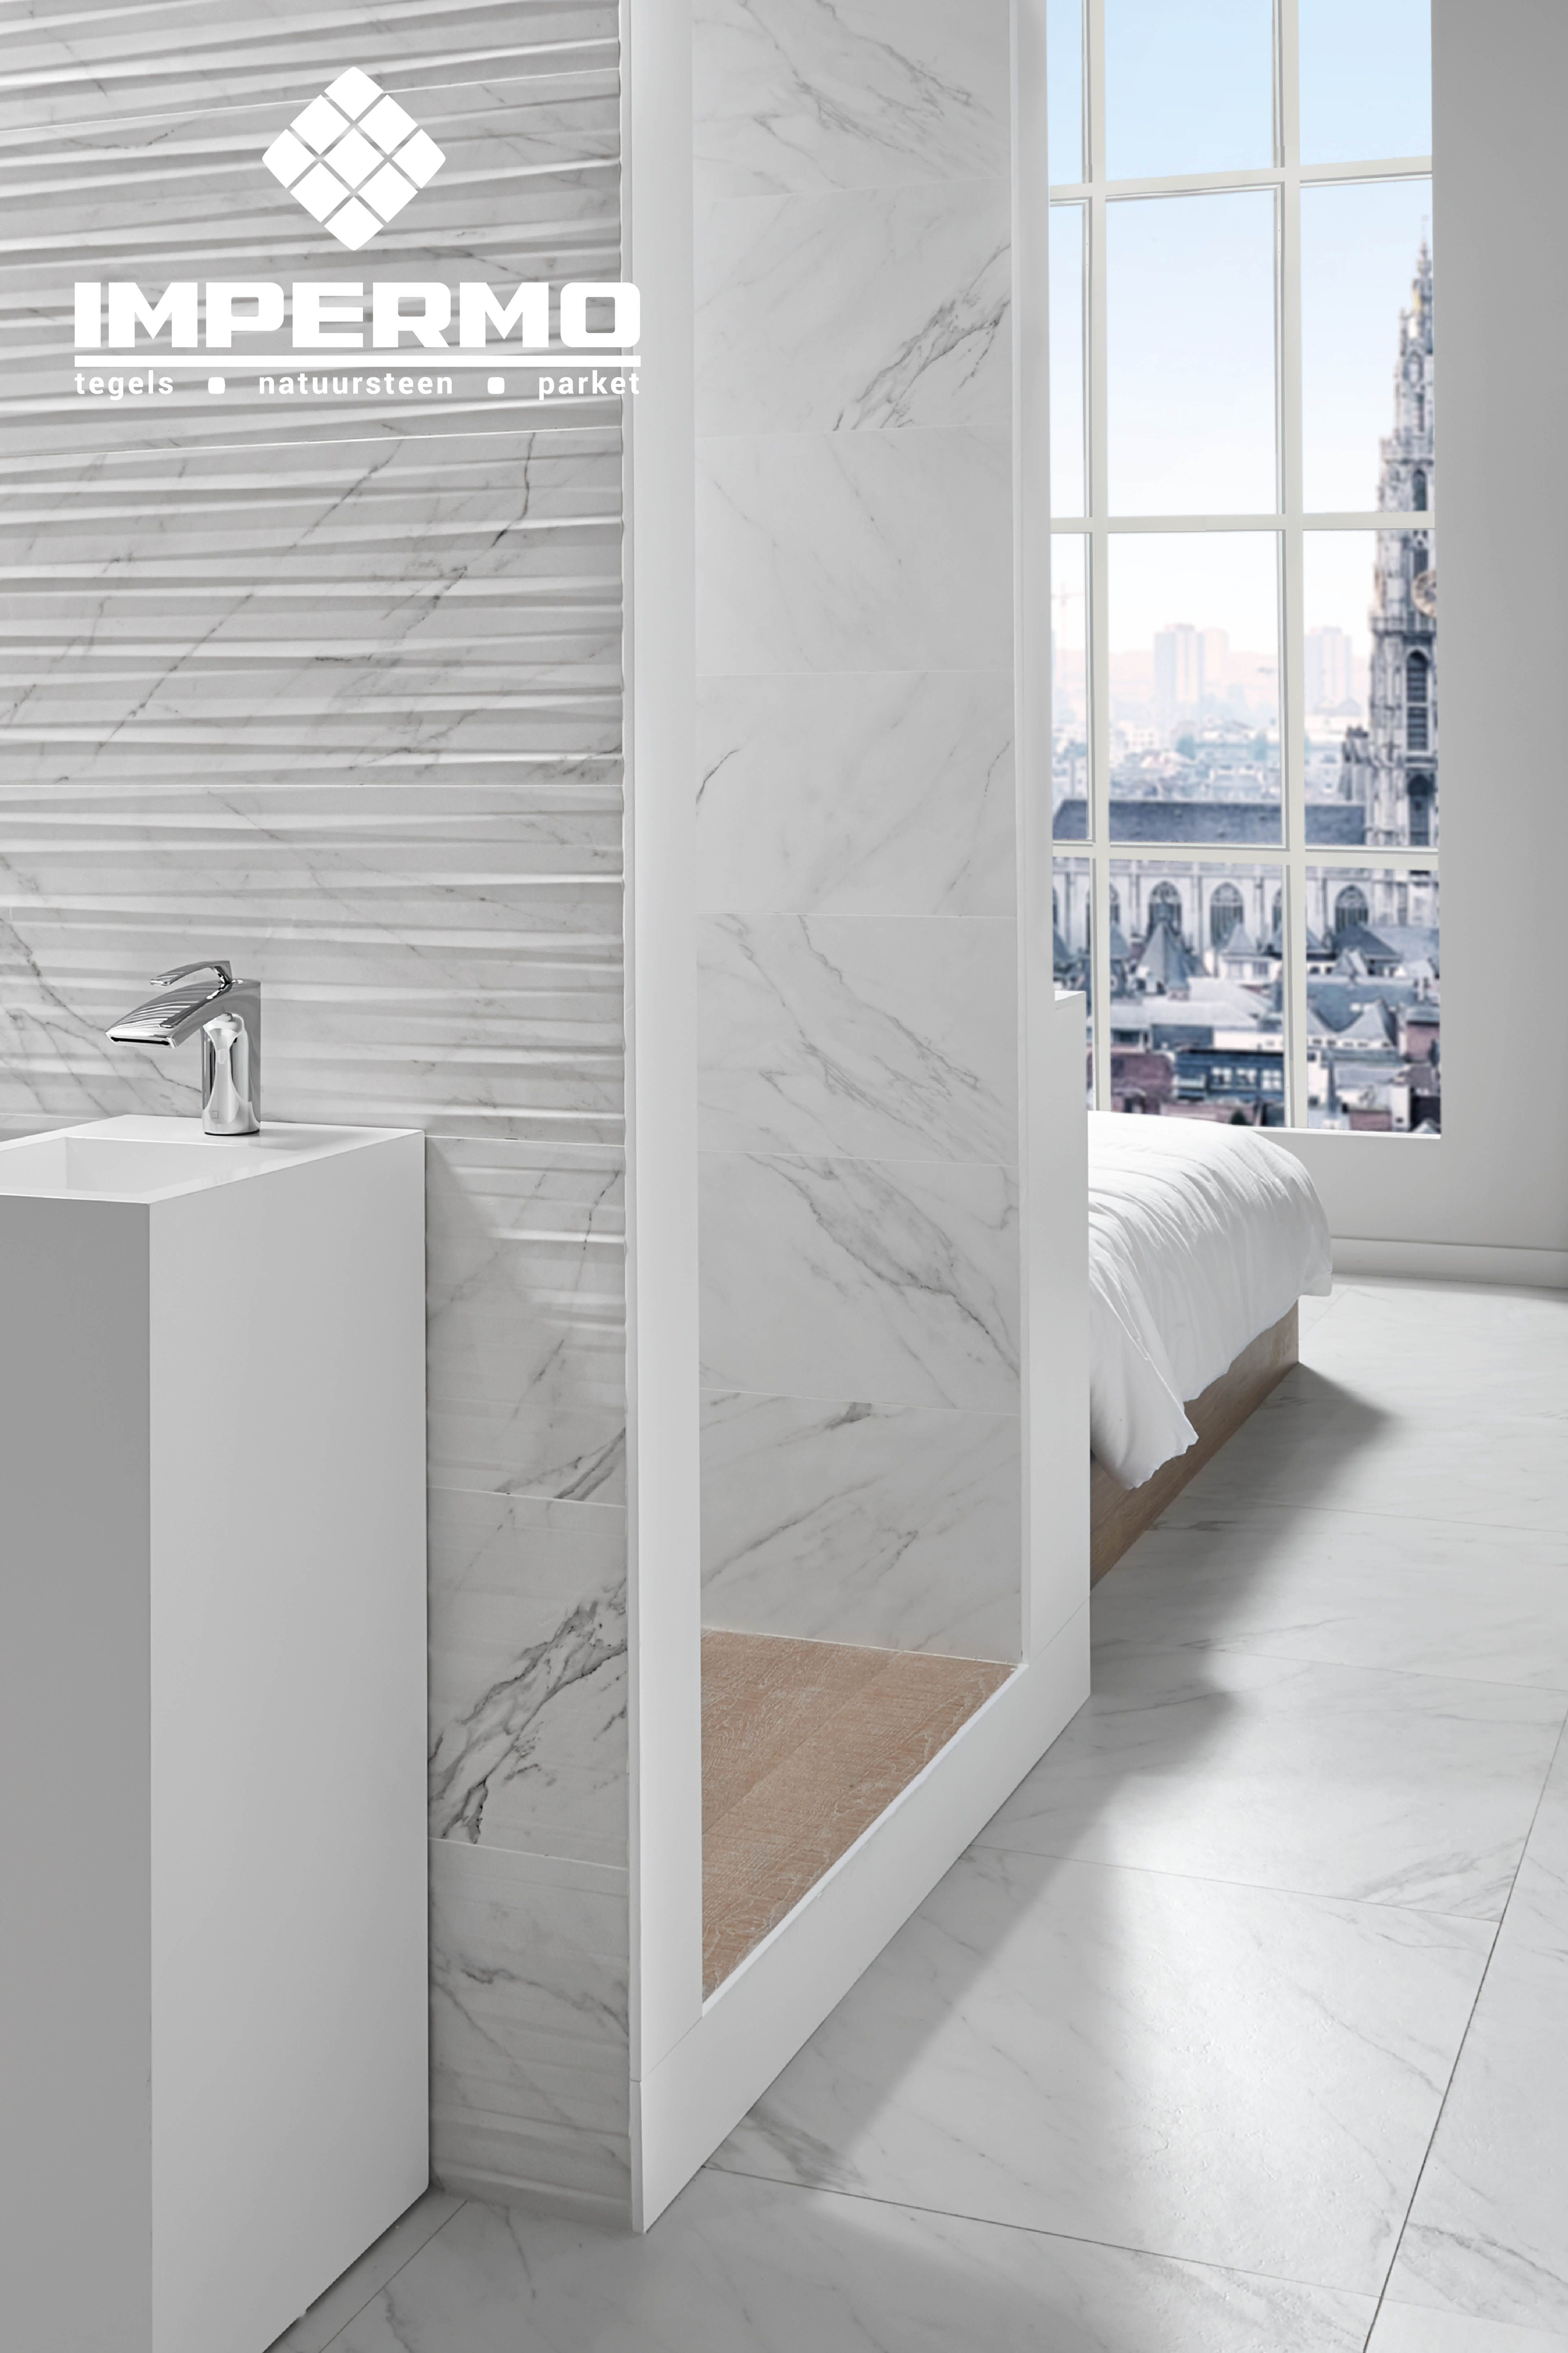 Badkamer Marmer Tegels.Tilestone Marble White In 2019 Impermo Bathroom Badkamer